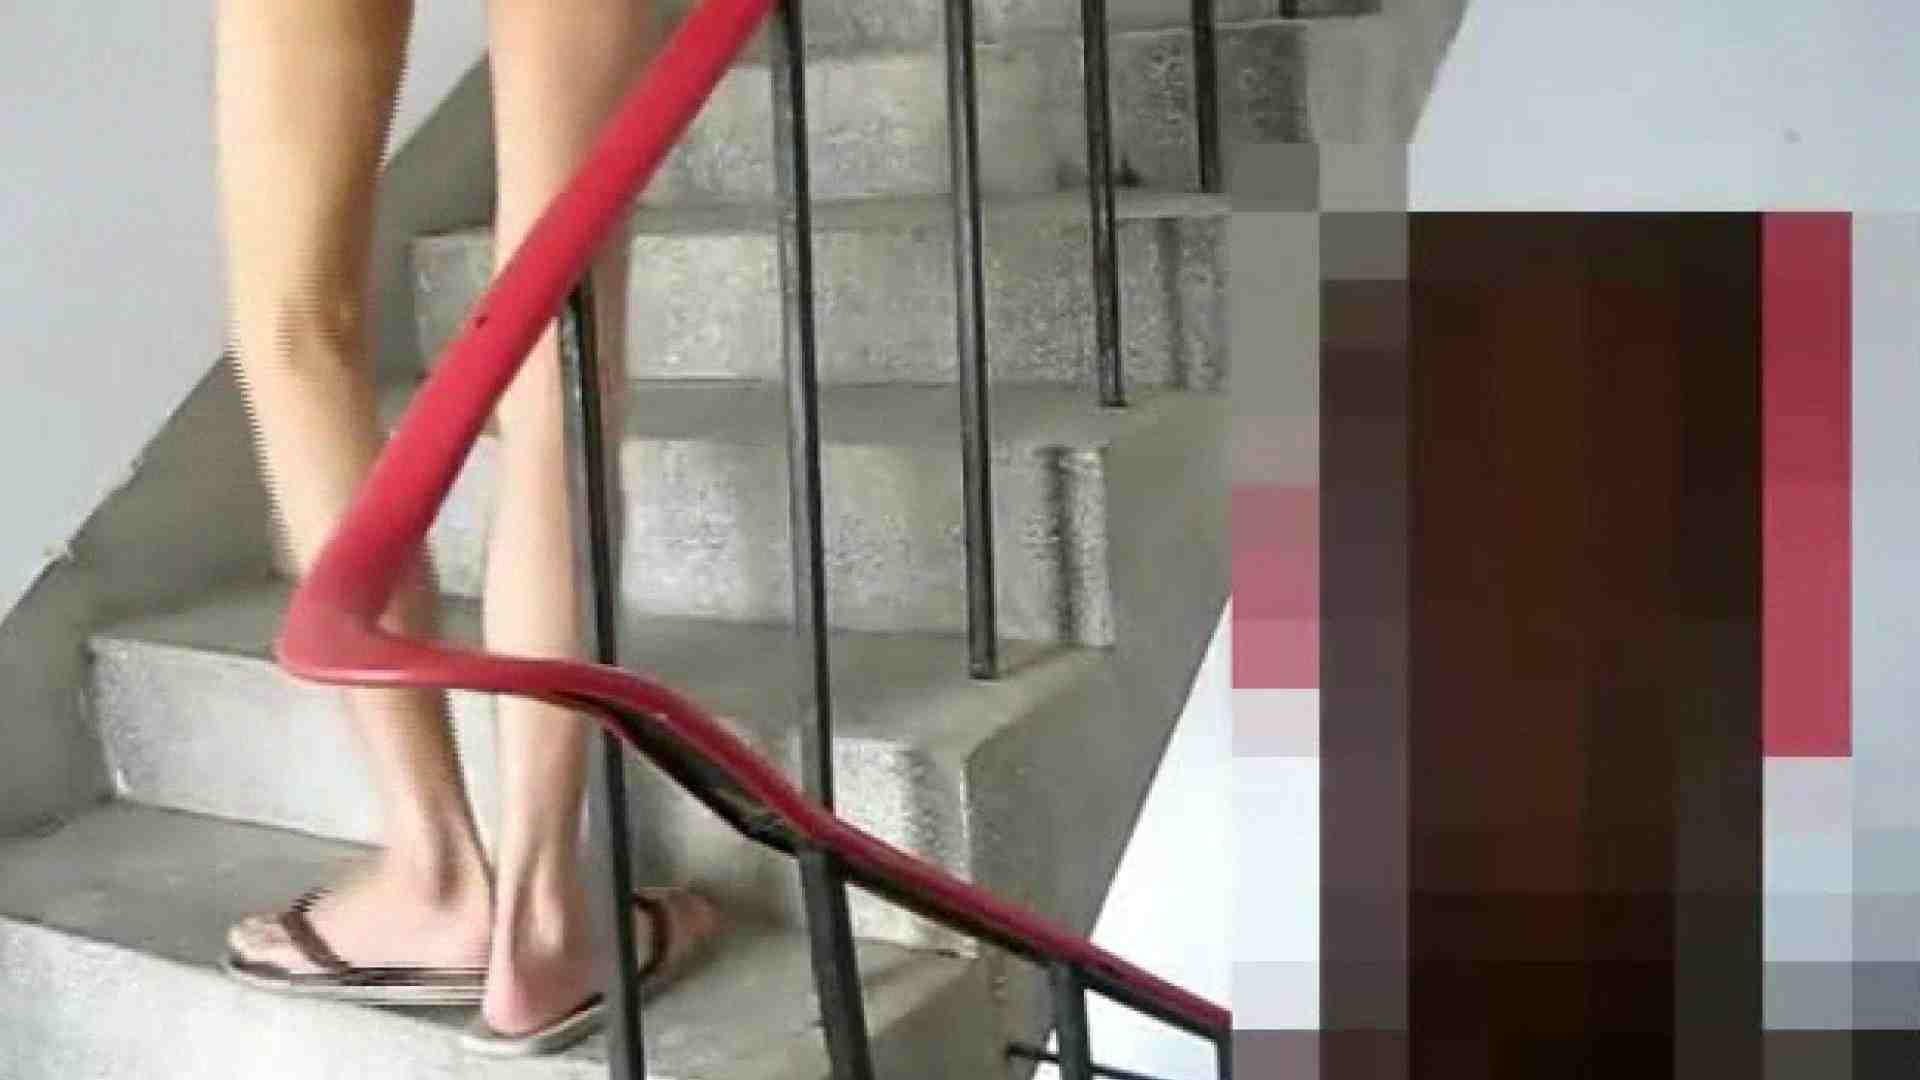 オナニー階段でシコる! シコる ちんぽ画像 95連発 84